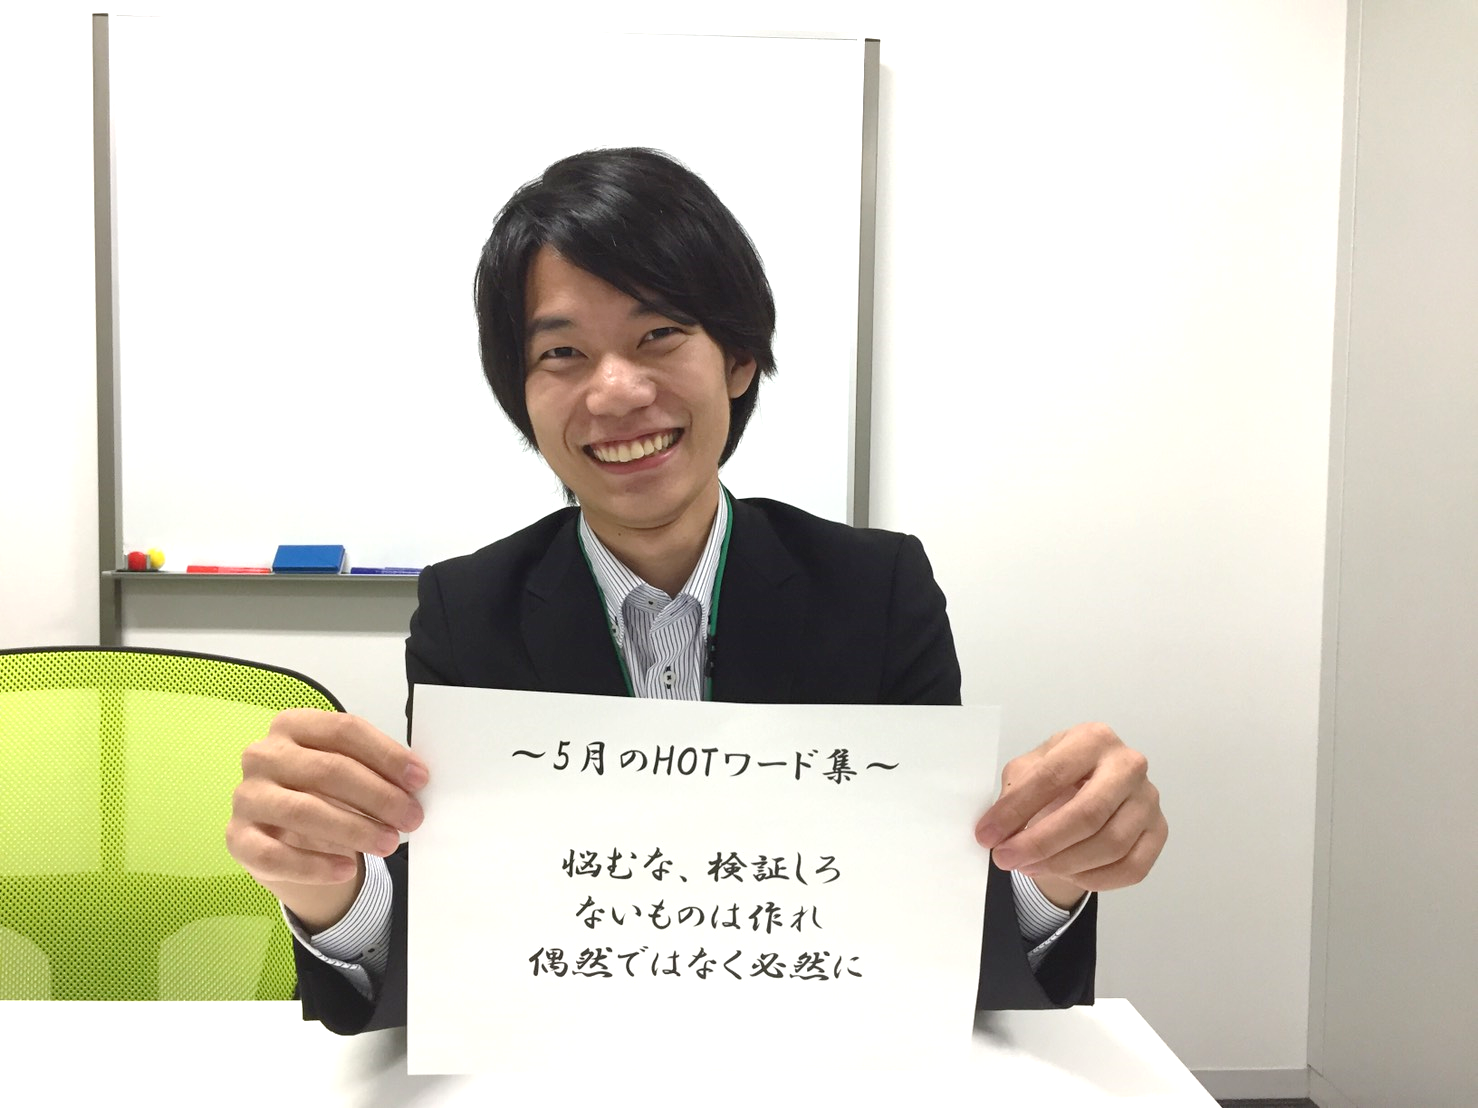 ホットword安藤さん